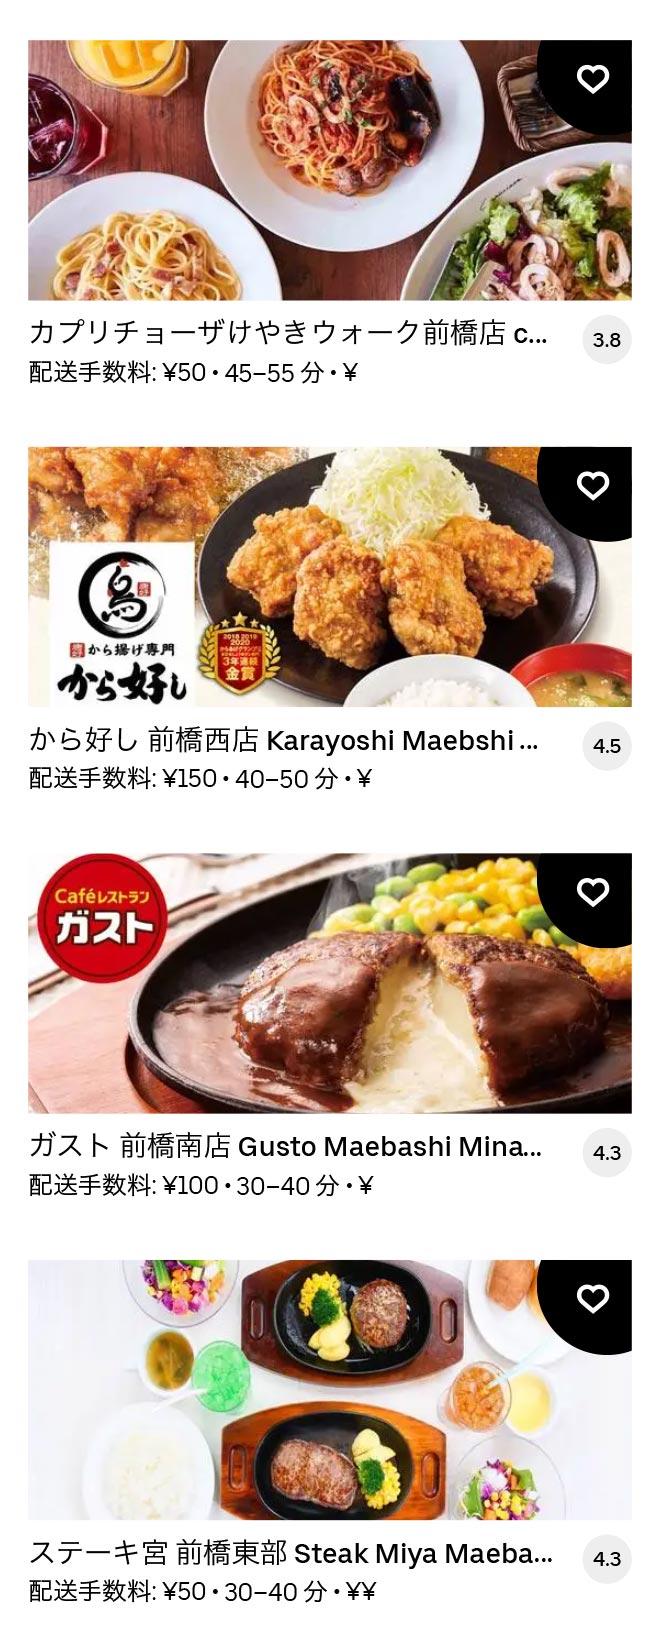 Chuo maebashi menu 2012 06